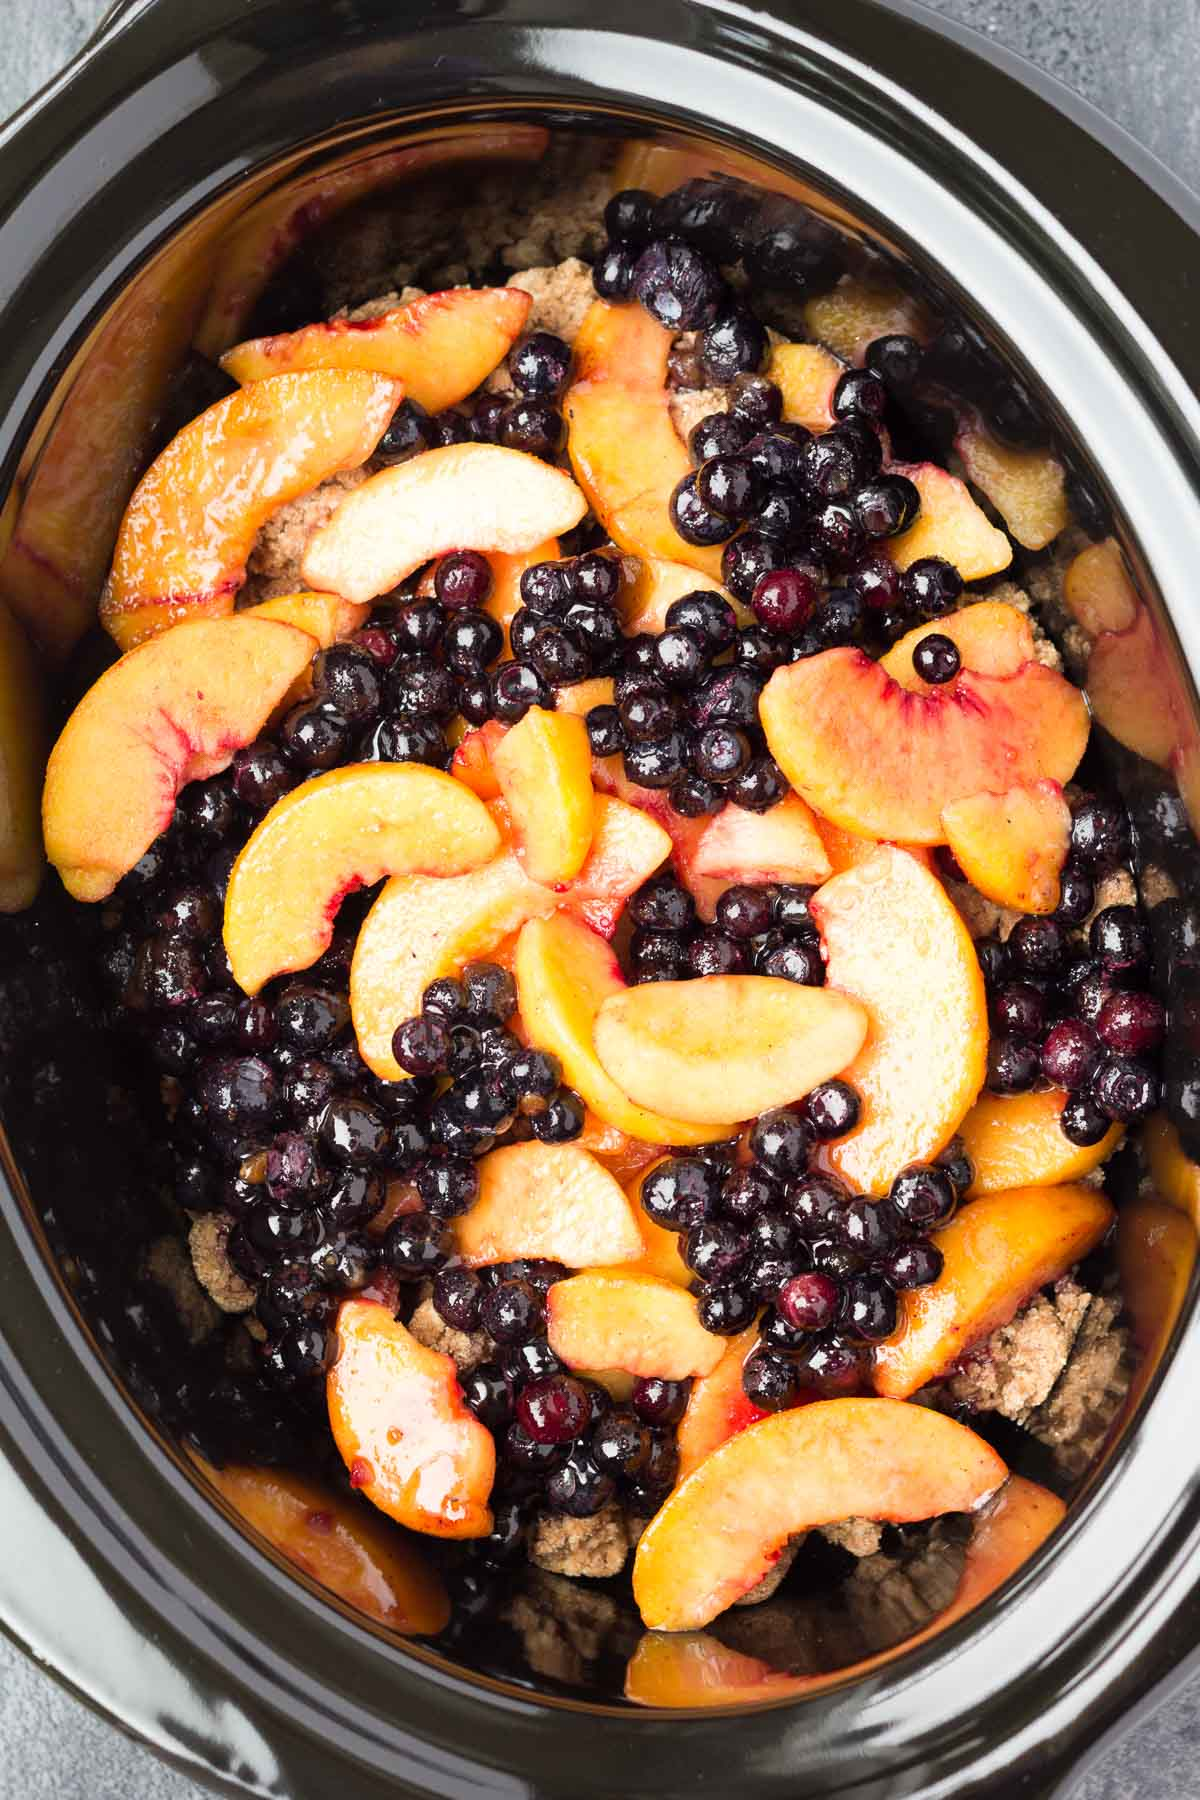 Crockpot Blueberry Peach Cobbler